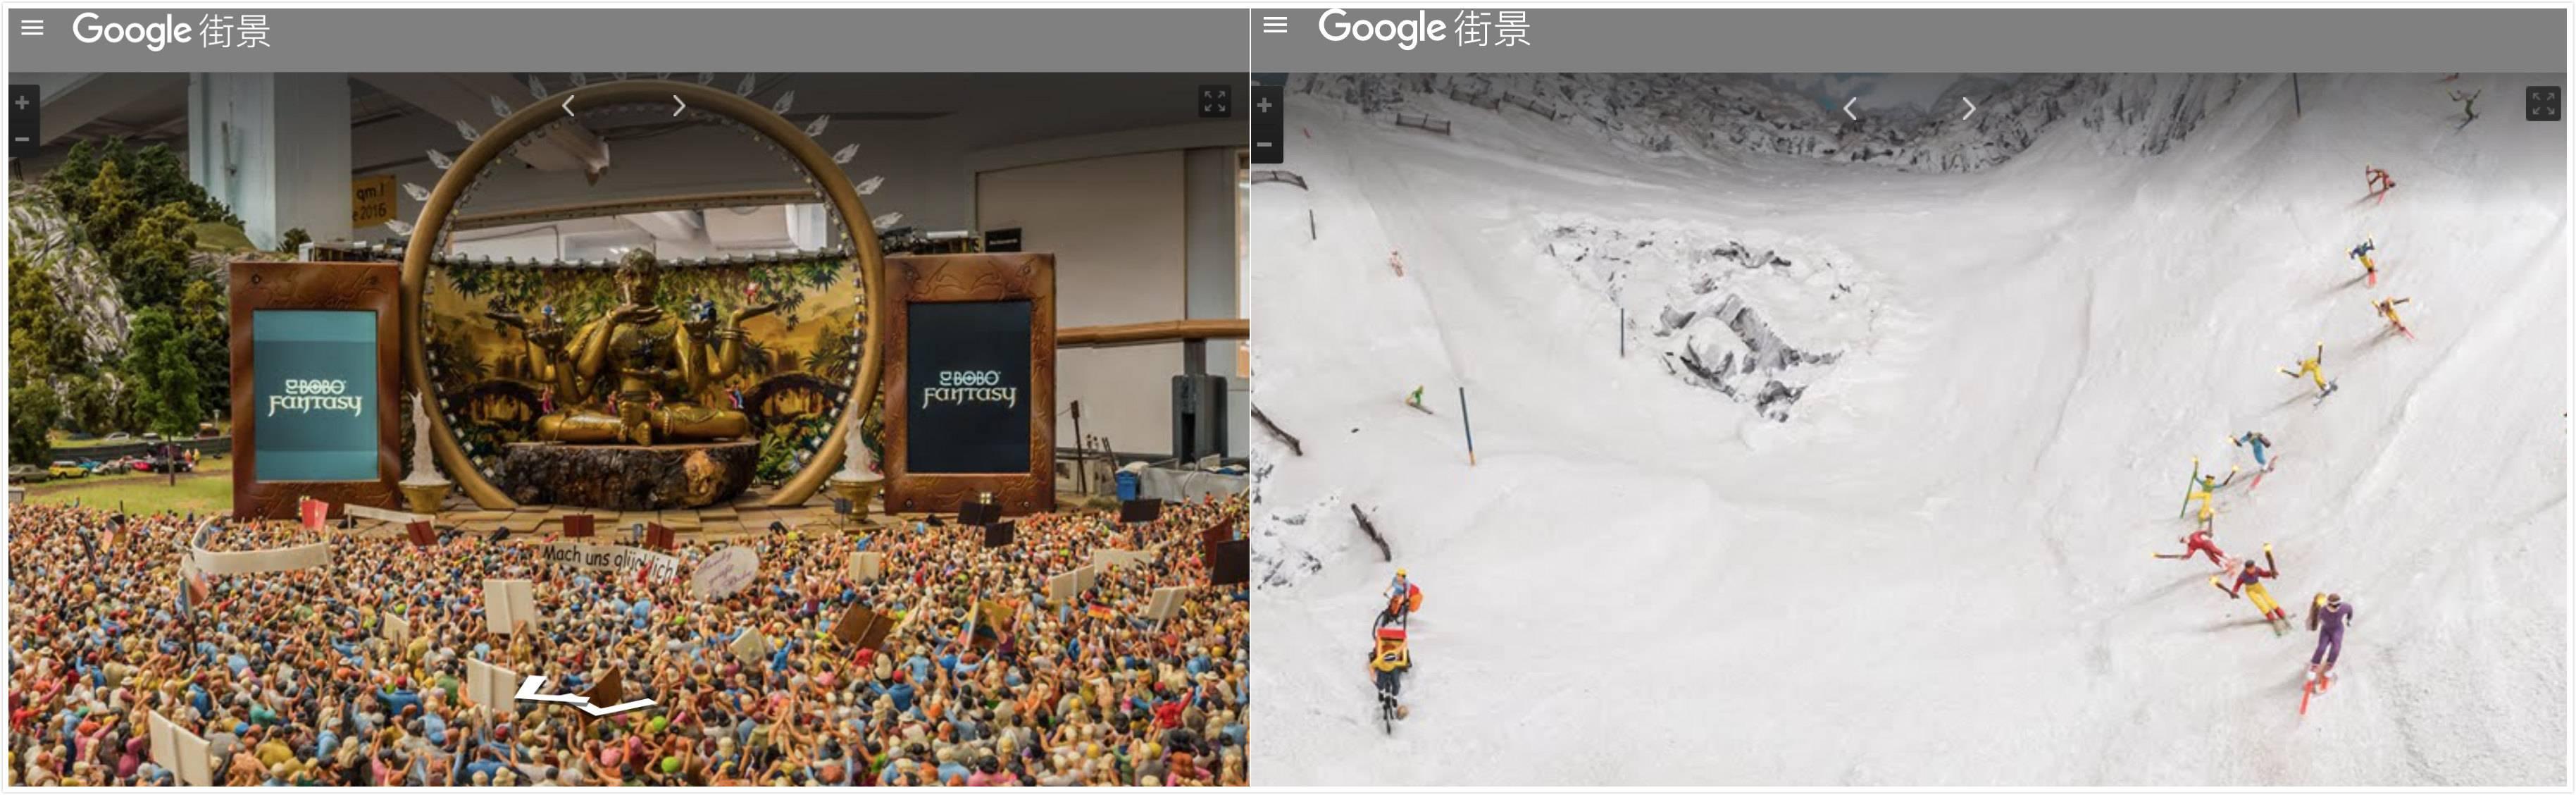 Google 街景收录了整个汉堡微缩景观世界,是我见过最萌的街景地图